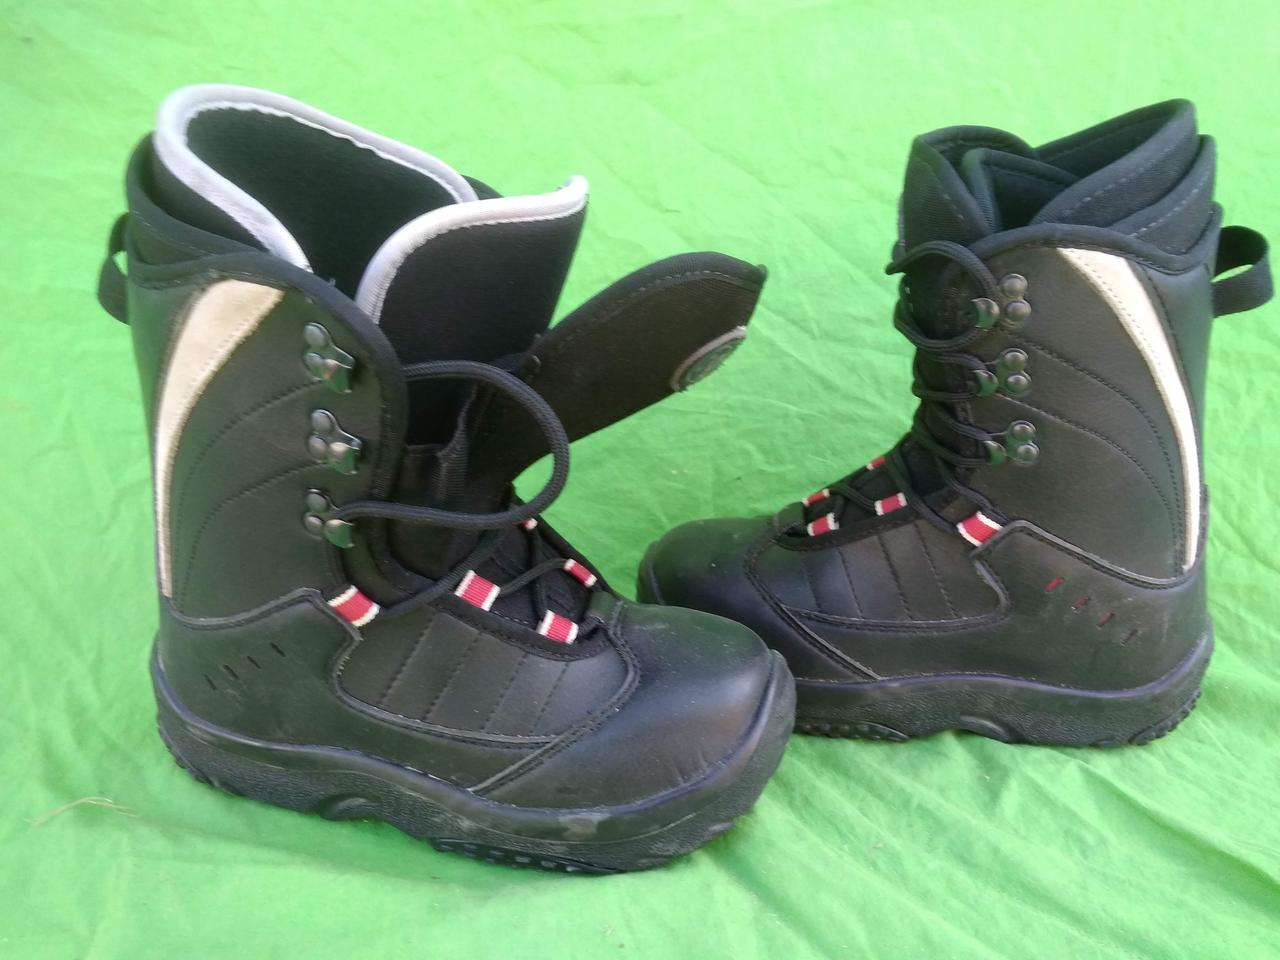 Нові черевики для сноуборда Cop 21.5 см